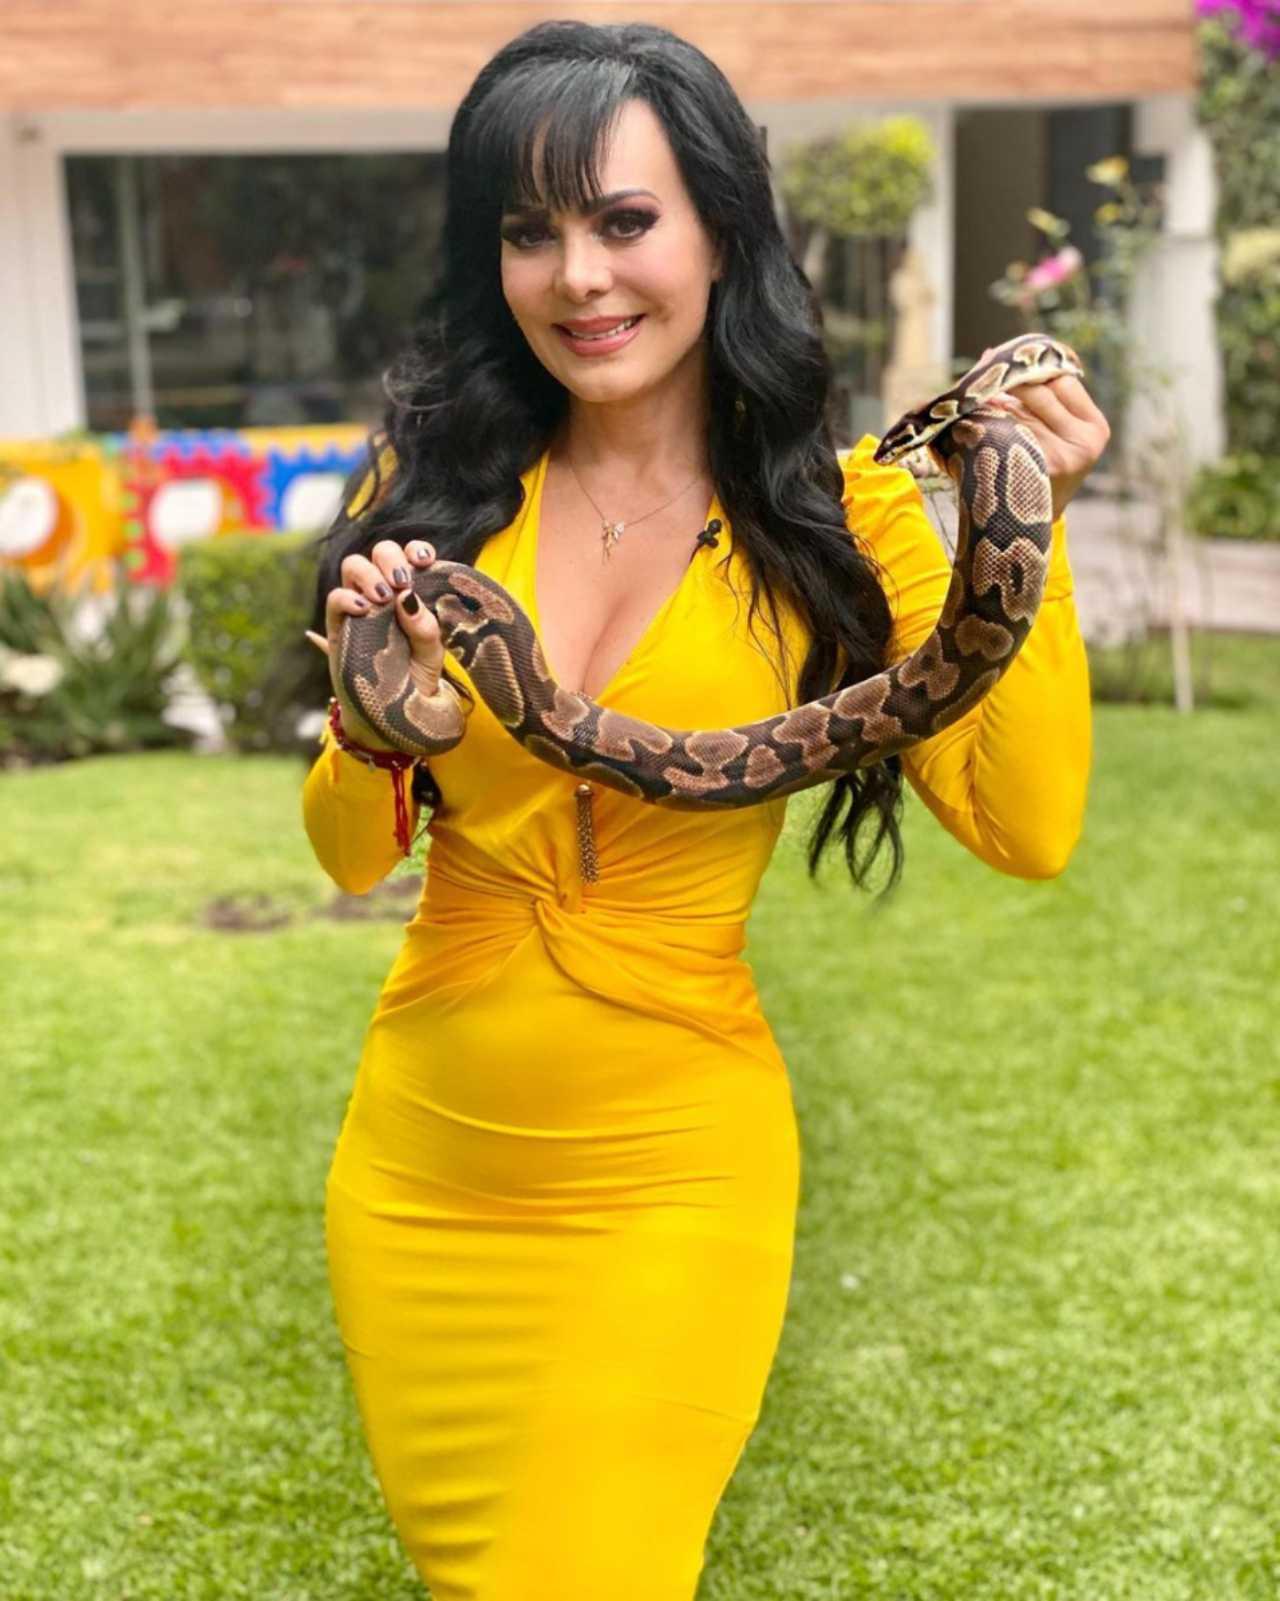 Maribel Guardia reacciona a foto de la Chilindrina